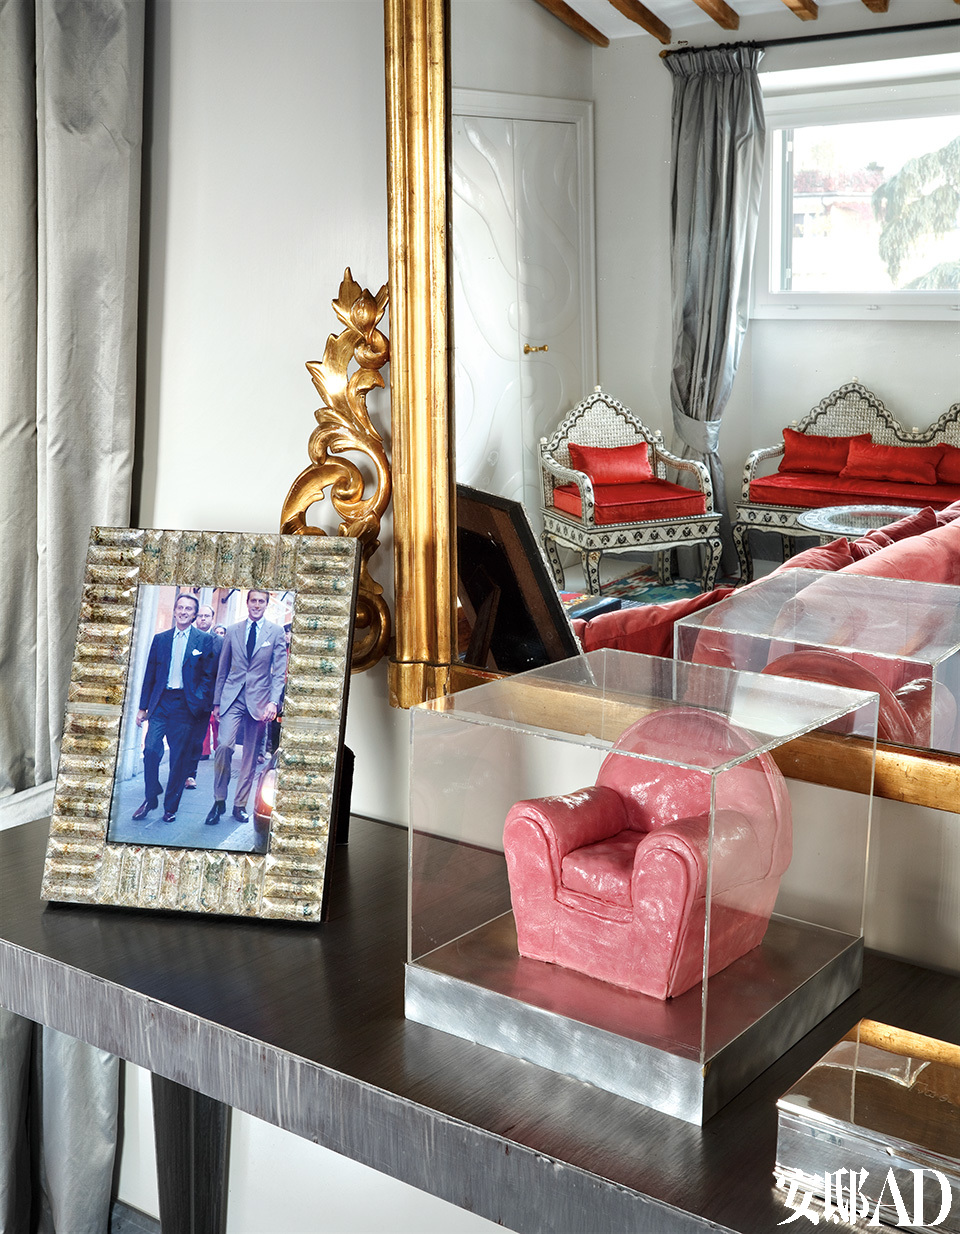 """""""父亲教会我做人要有坚定的意志、强烈的责任感、满腔热情和忠诚的态度。""""起居室桌子的一角放着Matteo和他父亲、法拉利的CEO Luca di Montezemolo的合影。旁边的粉色模型沙发,则是被Matteo收购的家具品牌Poltrona Frau创作于1930年的作品Vanity的微缩版。"""